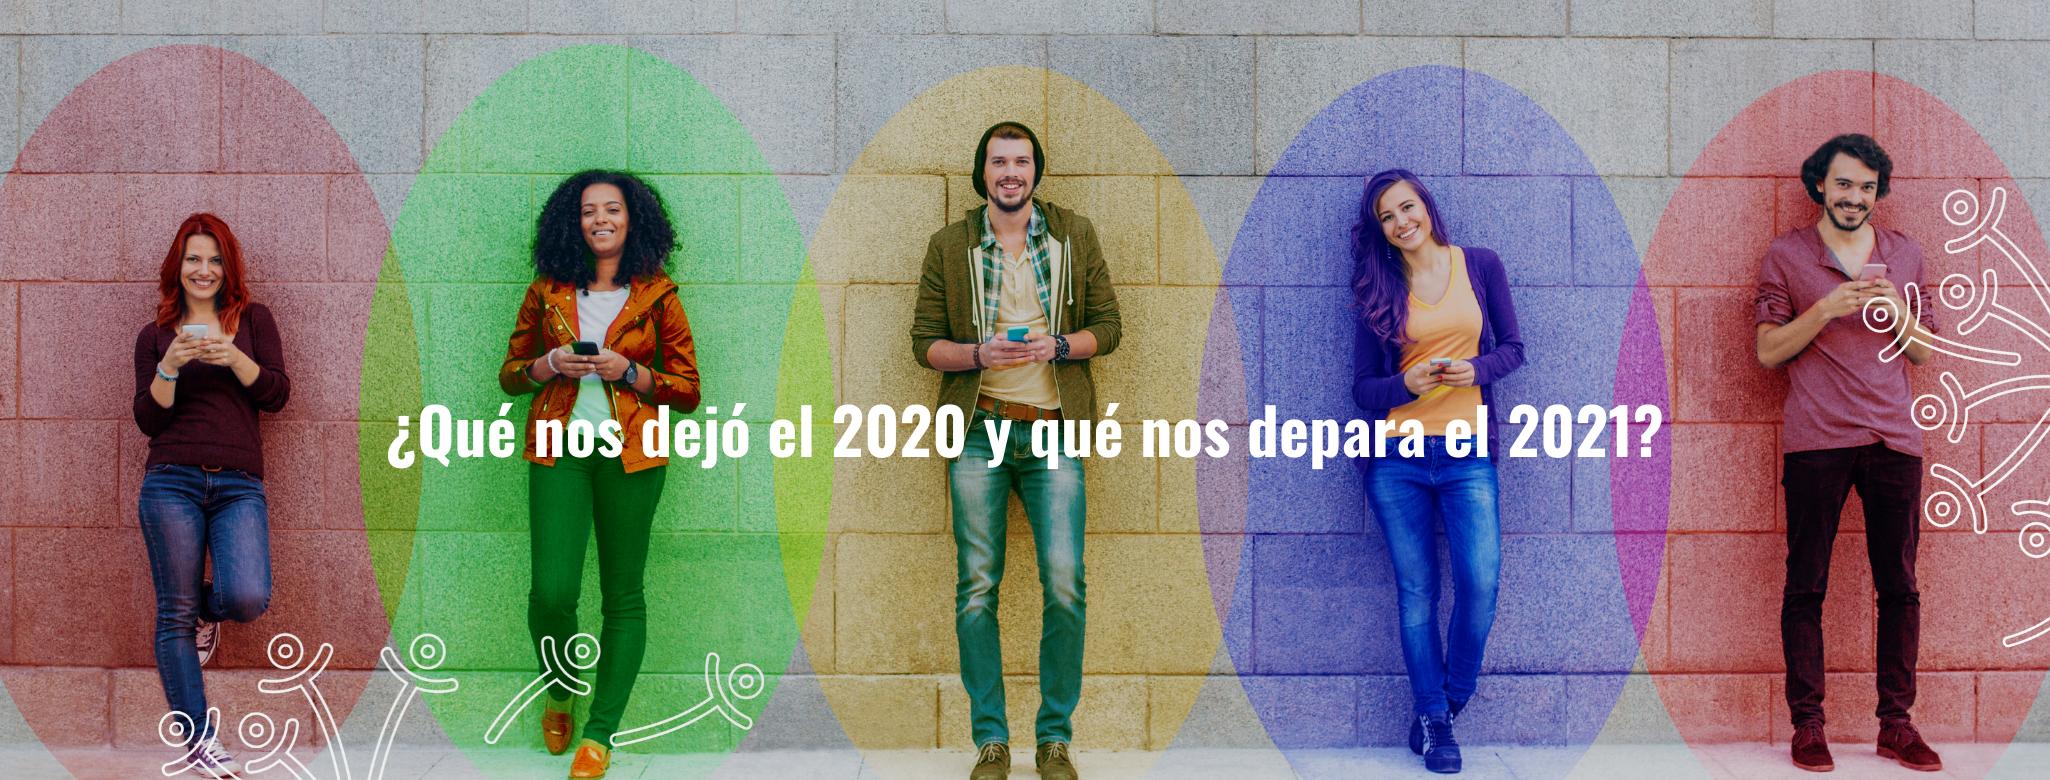 ¿Qué nos dejó el 2020 y qué nos depara el 2021?